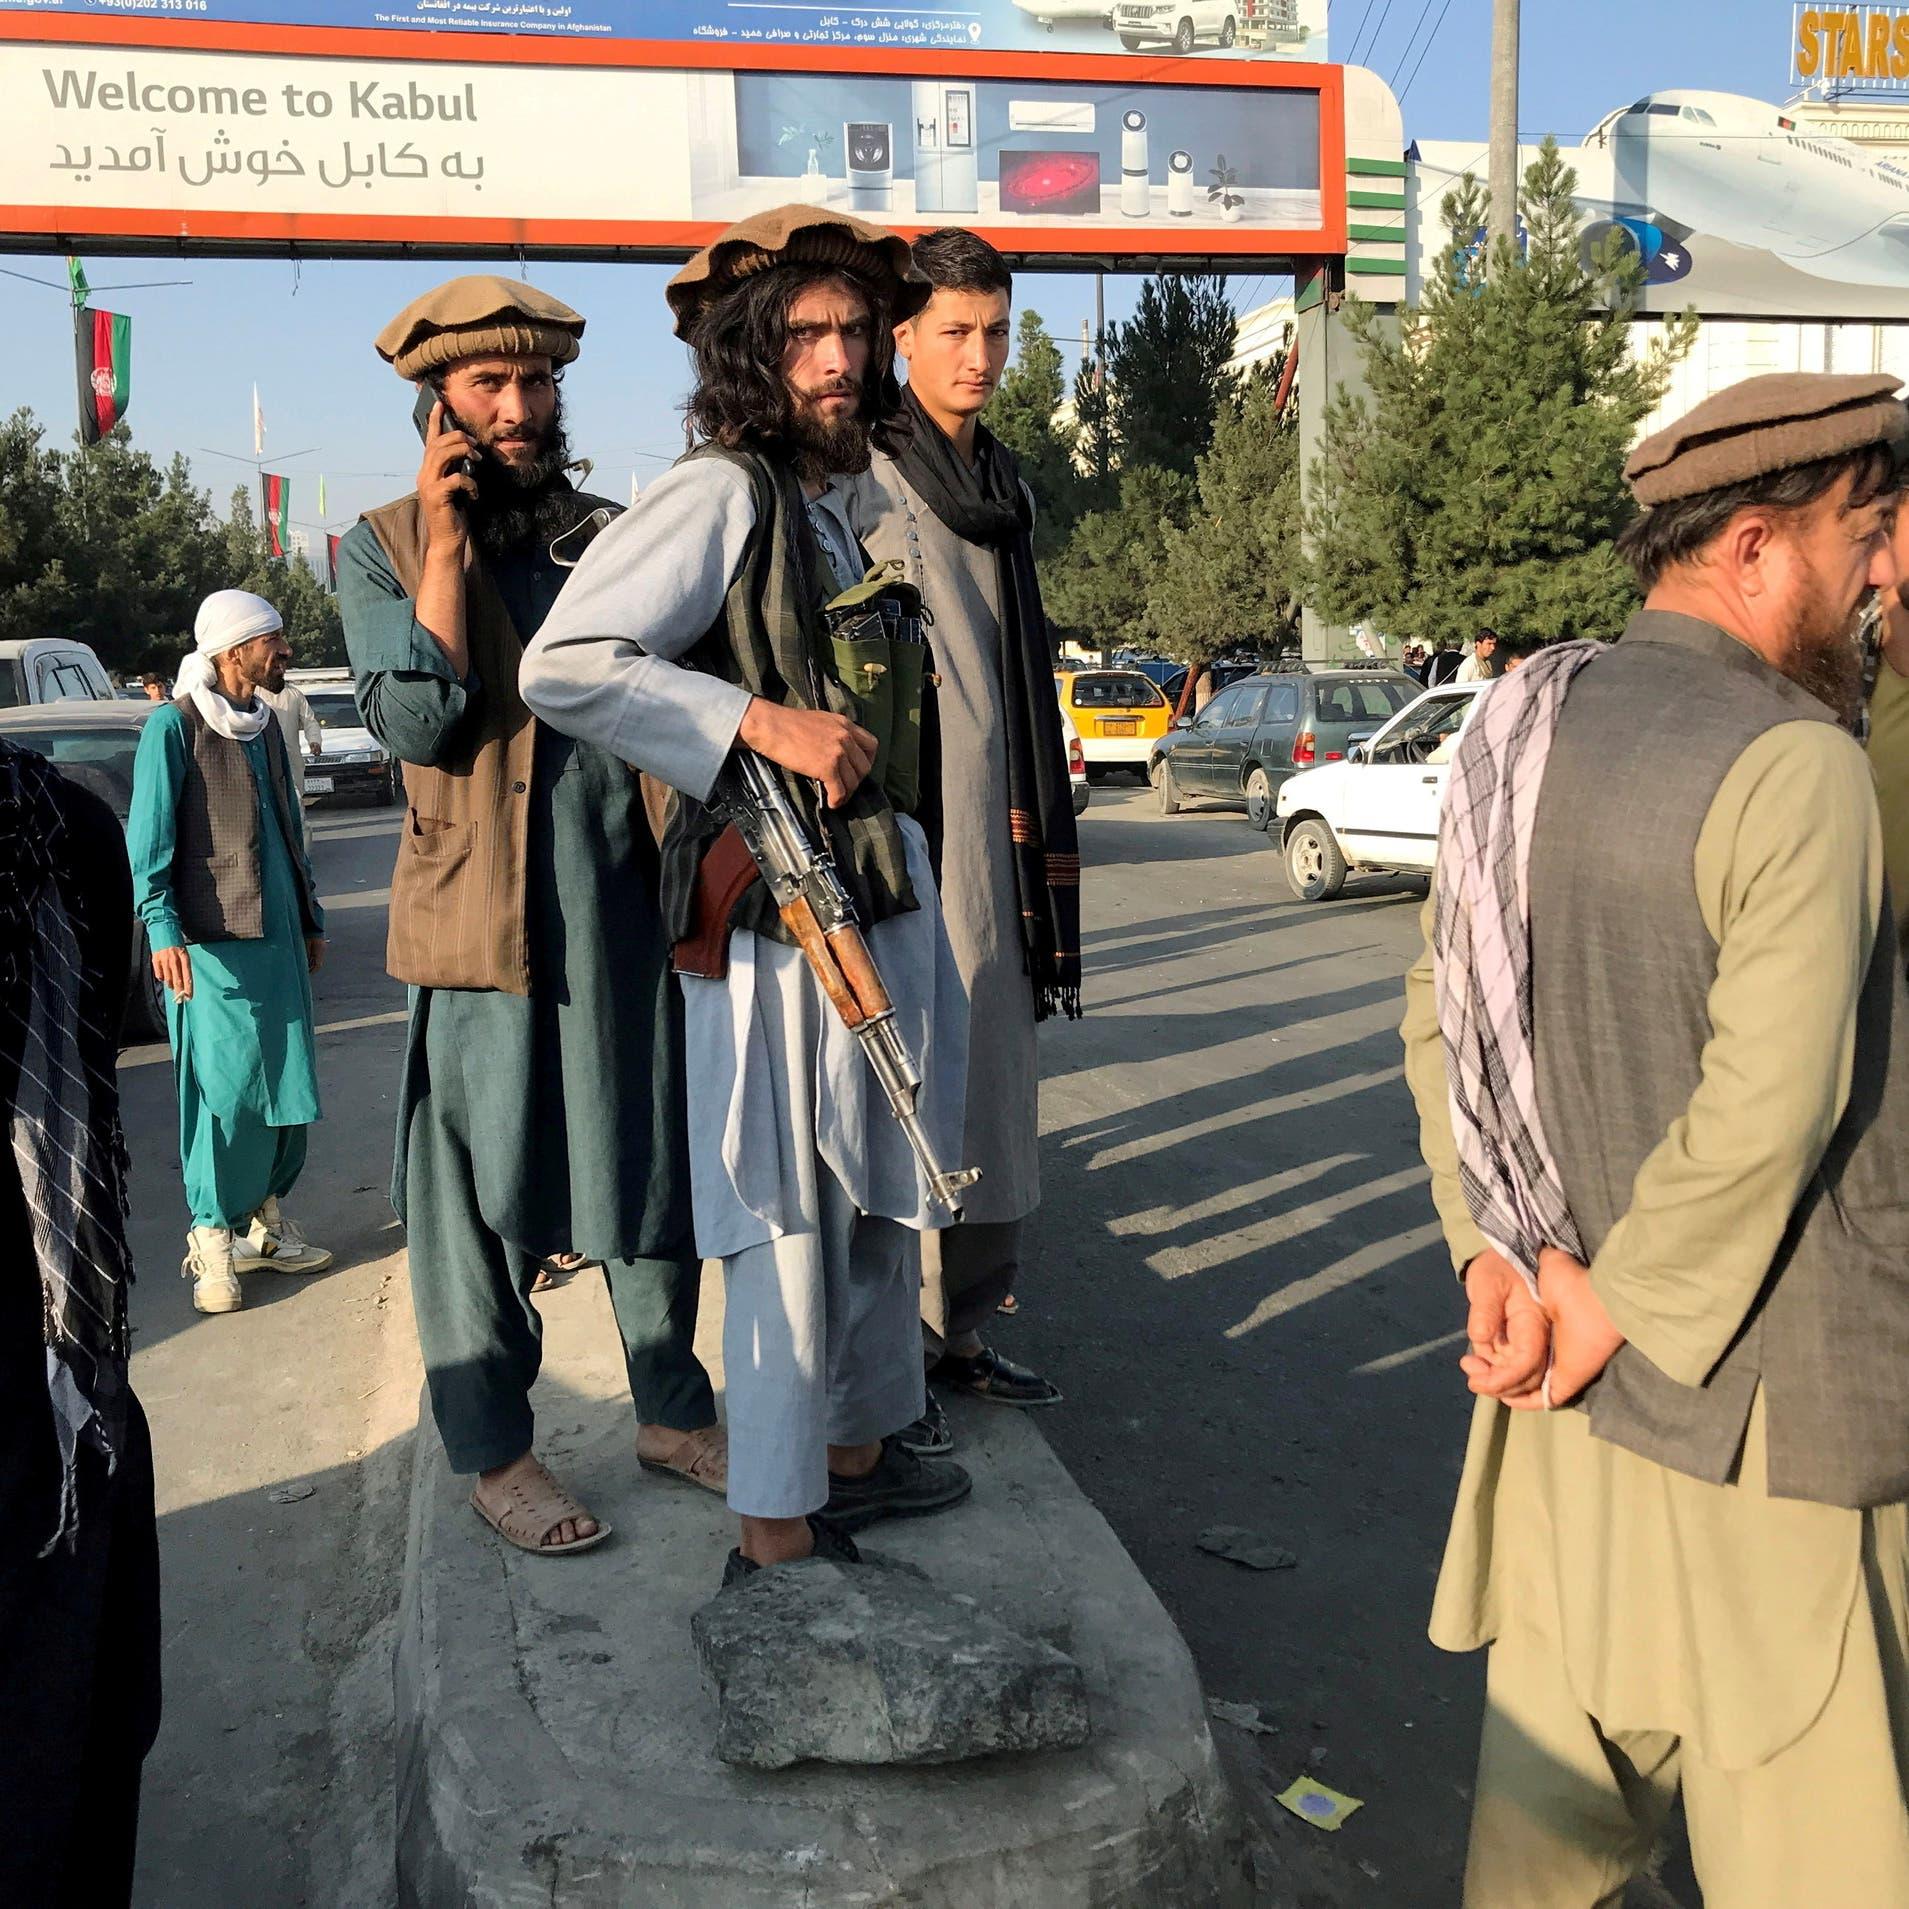 بعد صعود طالبان.. خبراء: الجماعات الإرهابية قد تسعى للعودة مجدداً